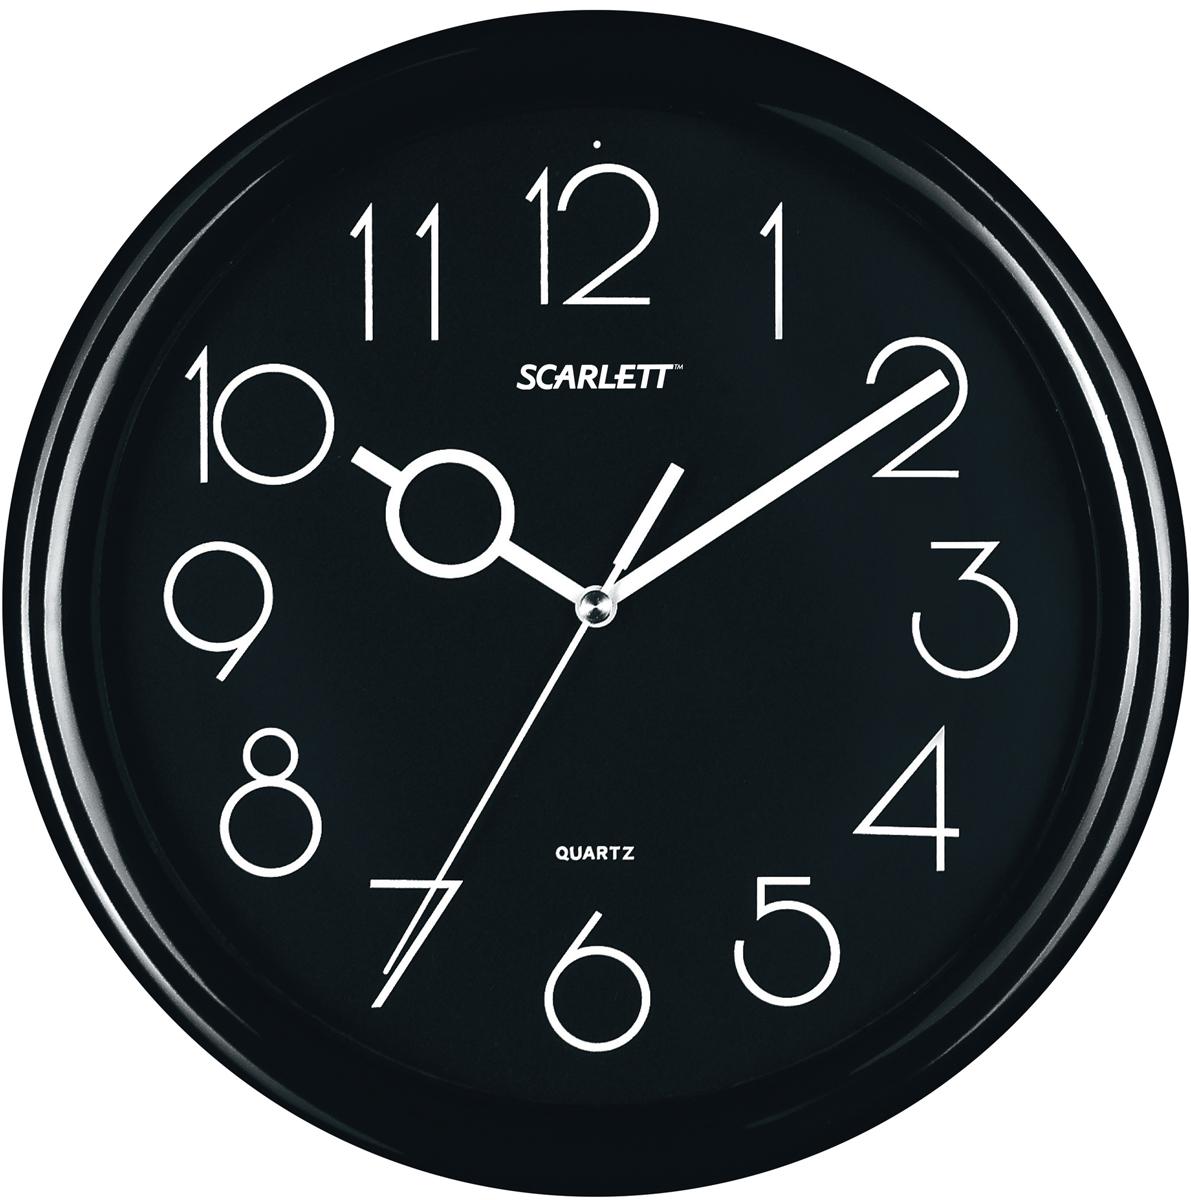 Настенные кварцевые часы Scarlett SC-09D, изготовленные из  пластика, прекрасно впишутся в интерьер  вашего дома. Круглые часы имеют три стрелки: часовую,  минутную и секундную, циферблат защищен прозрачным  пластиком.  Часы работают от 1 батарейки типа АА напряжением 1,5 В  (батарейка в комплект не входит).